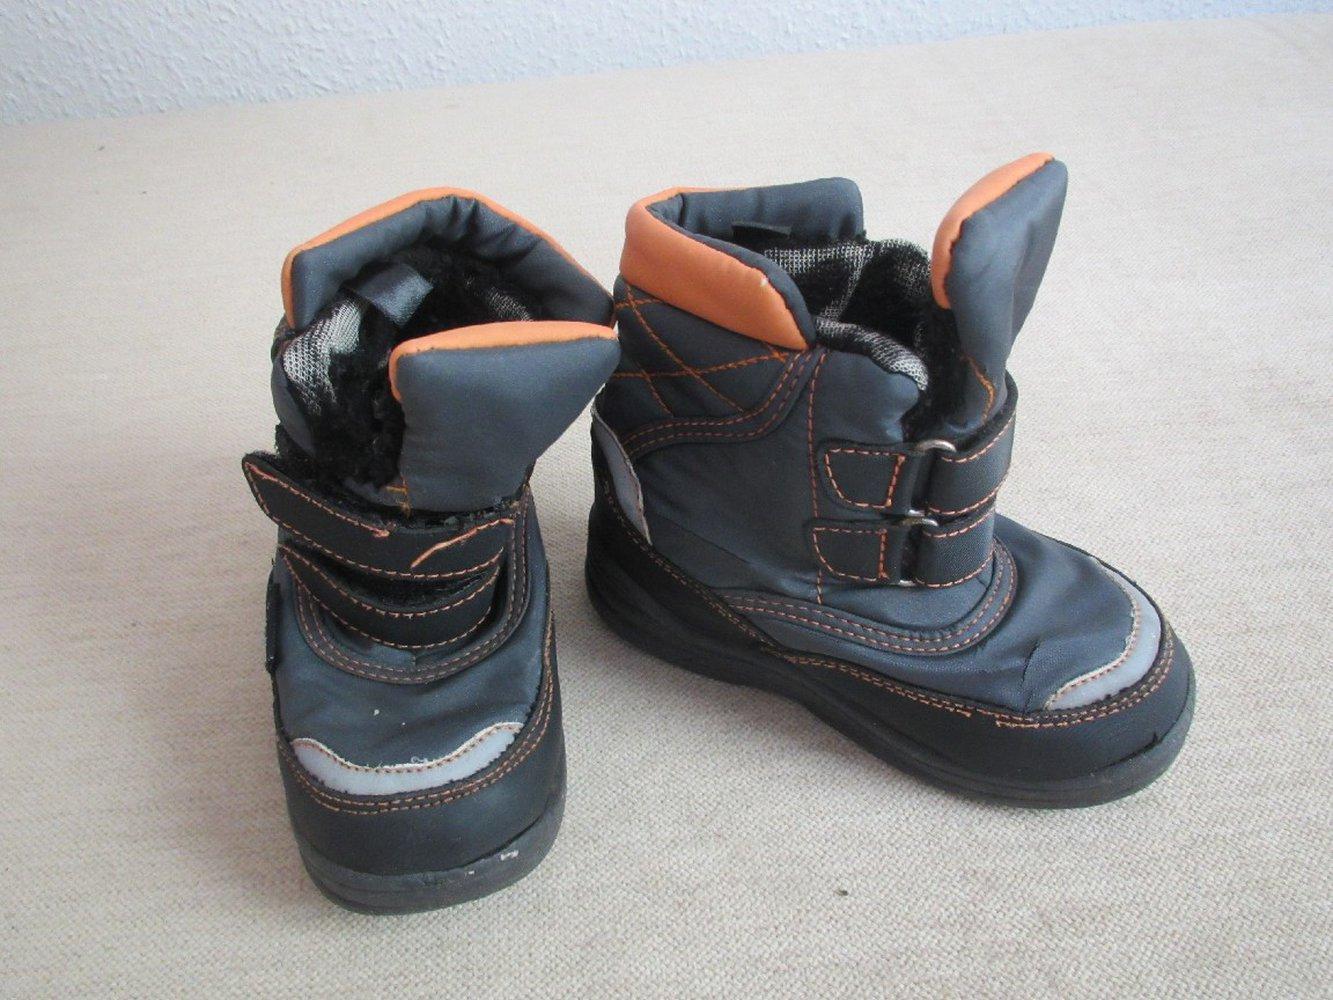 Stiefel Winterstiefel Boots Gr. 27 in grau schwarz von Bobbi Shoes